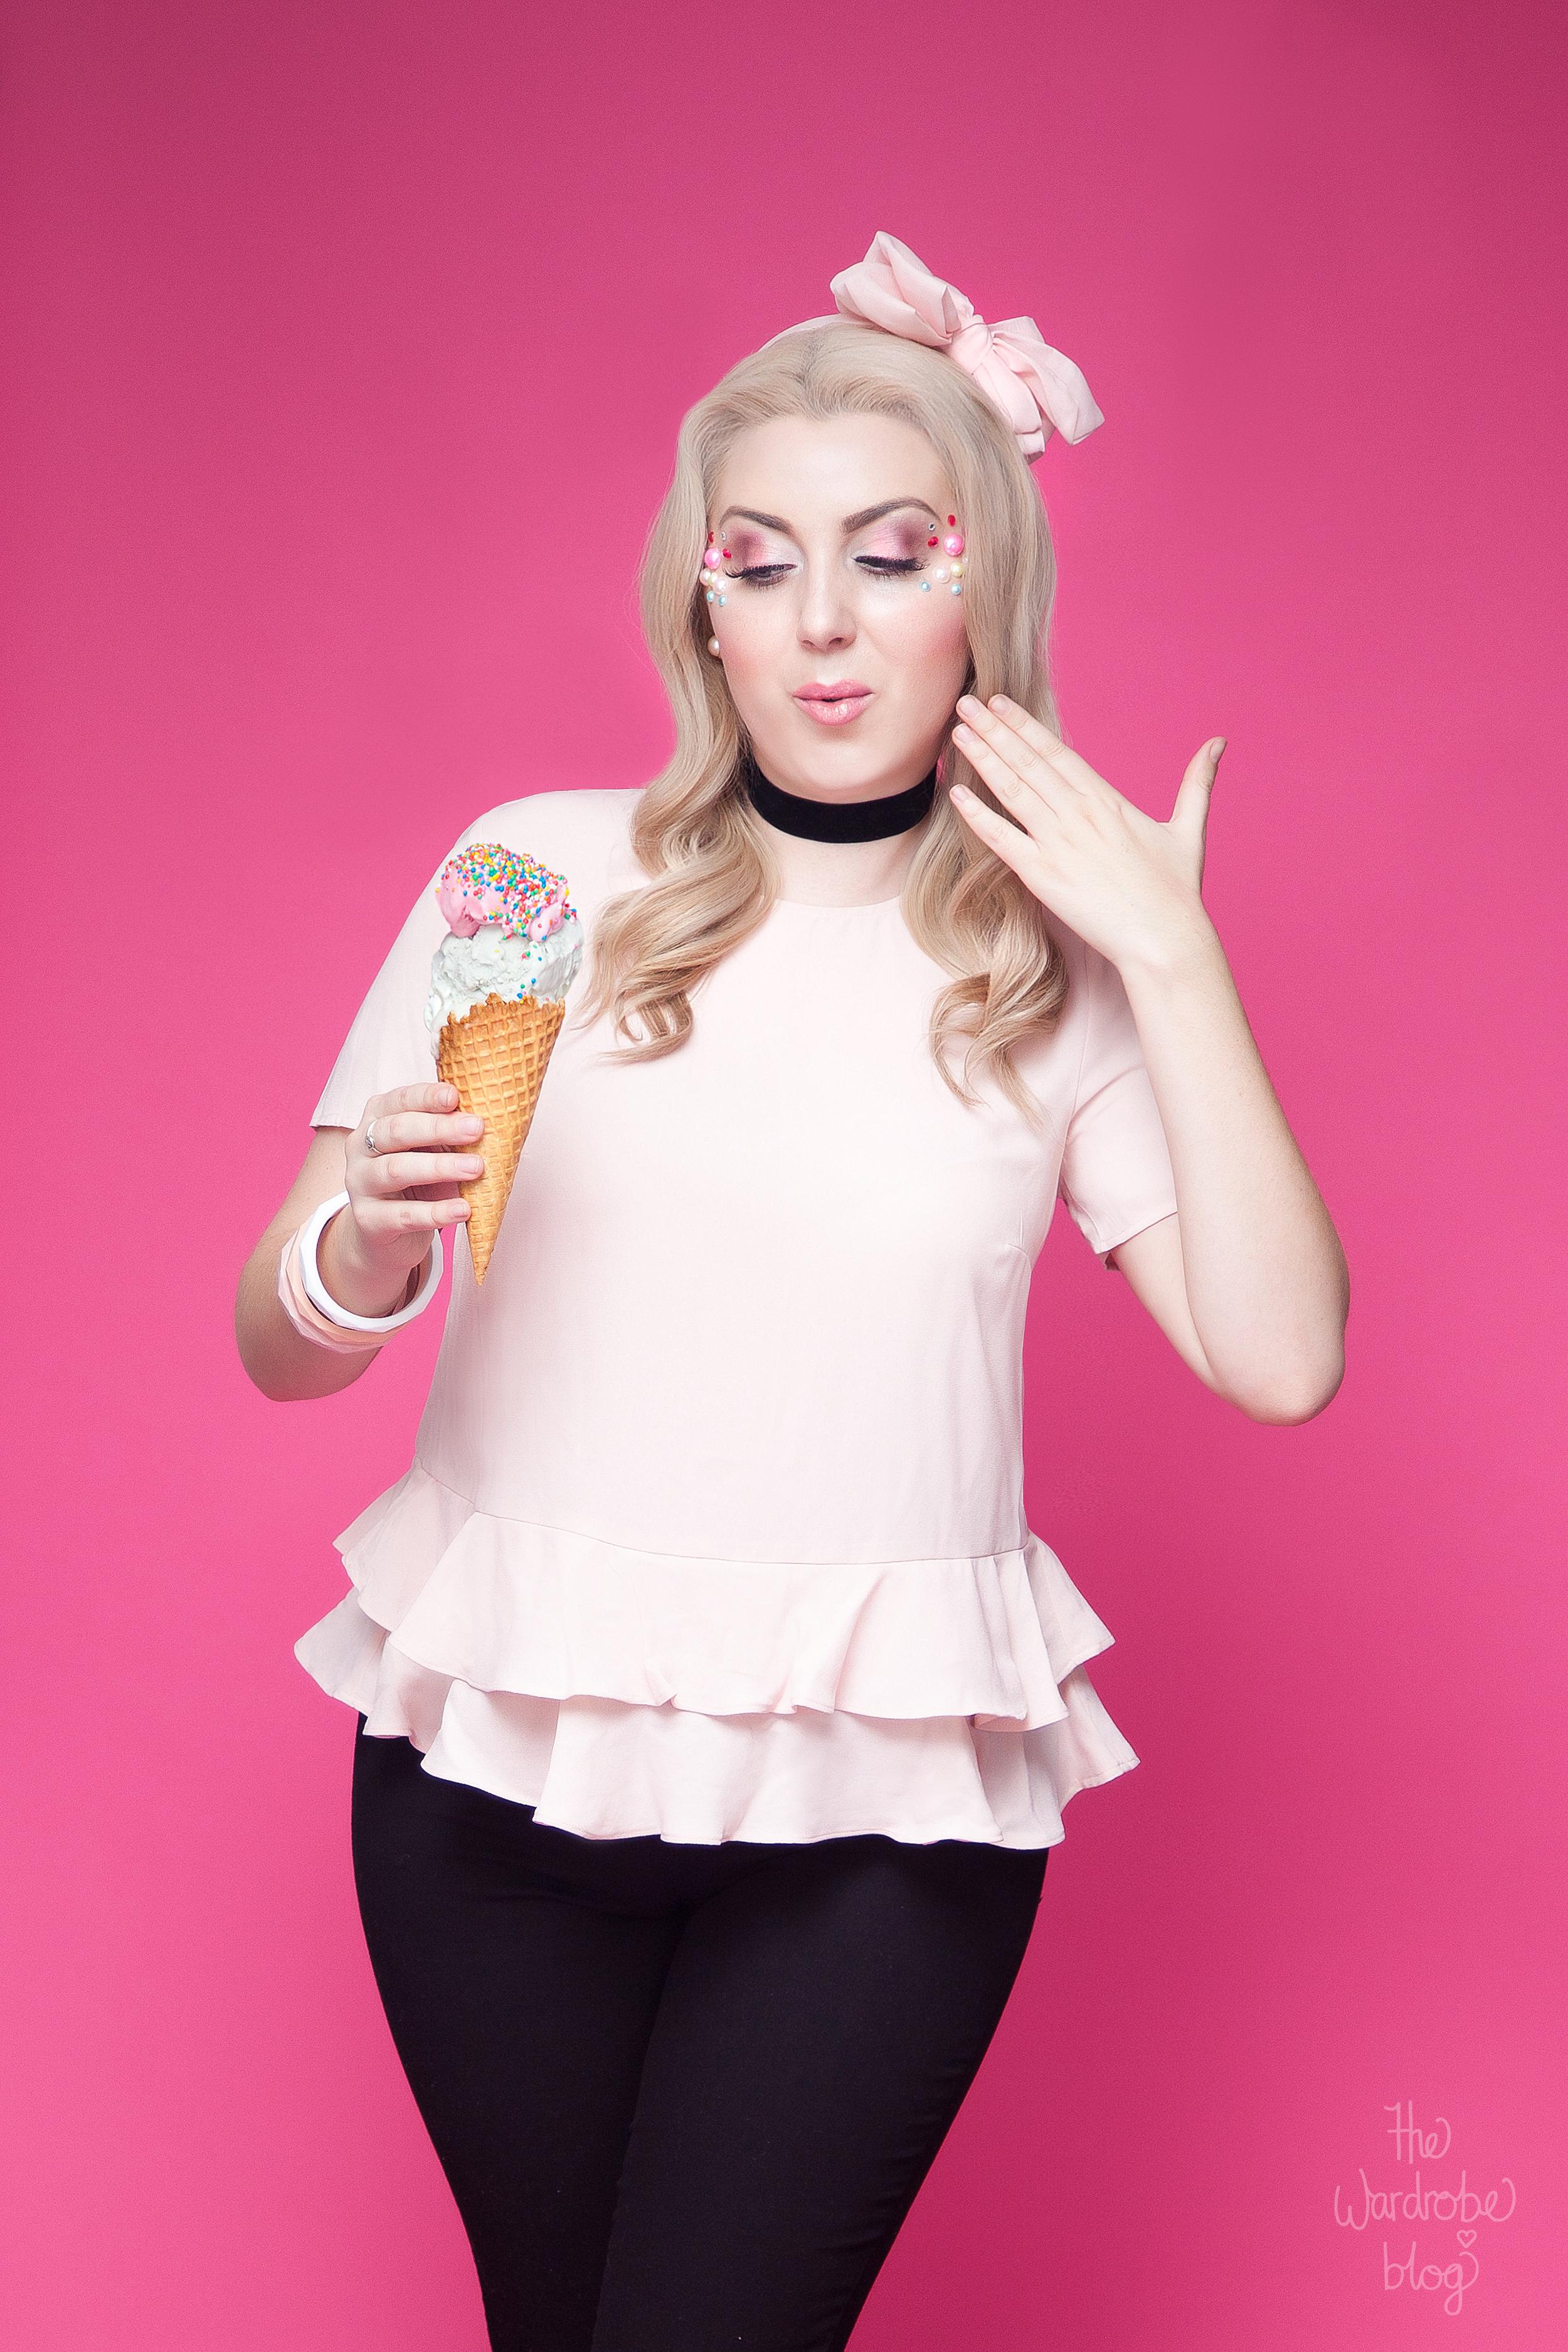 Icecream-Kmart-Pink-Pinup-Portrait